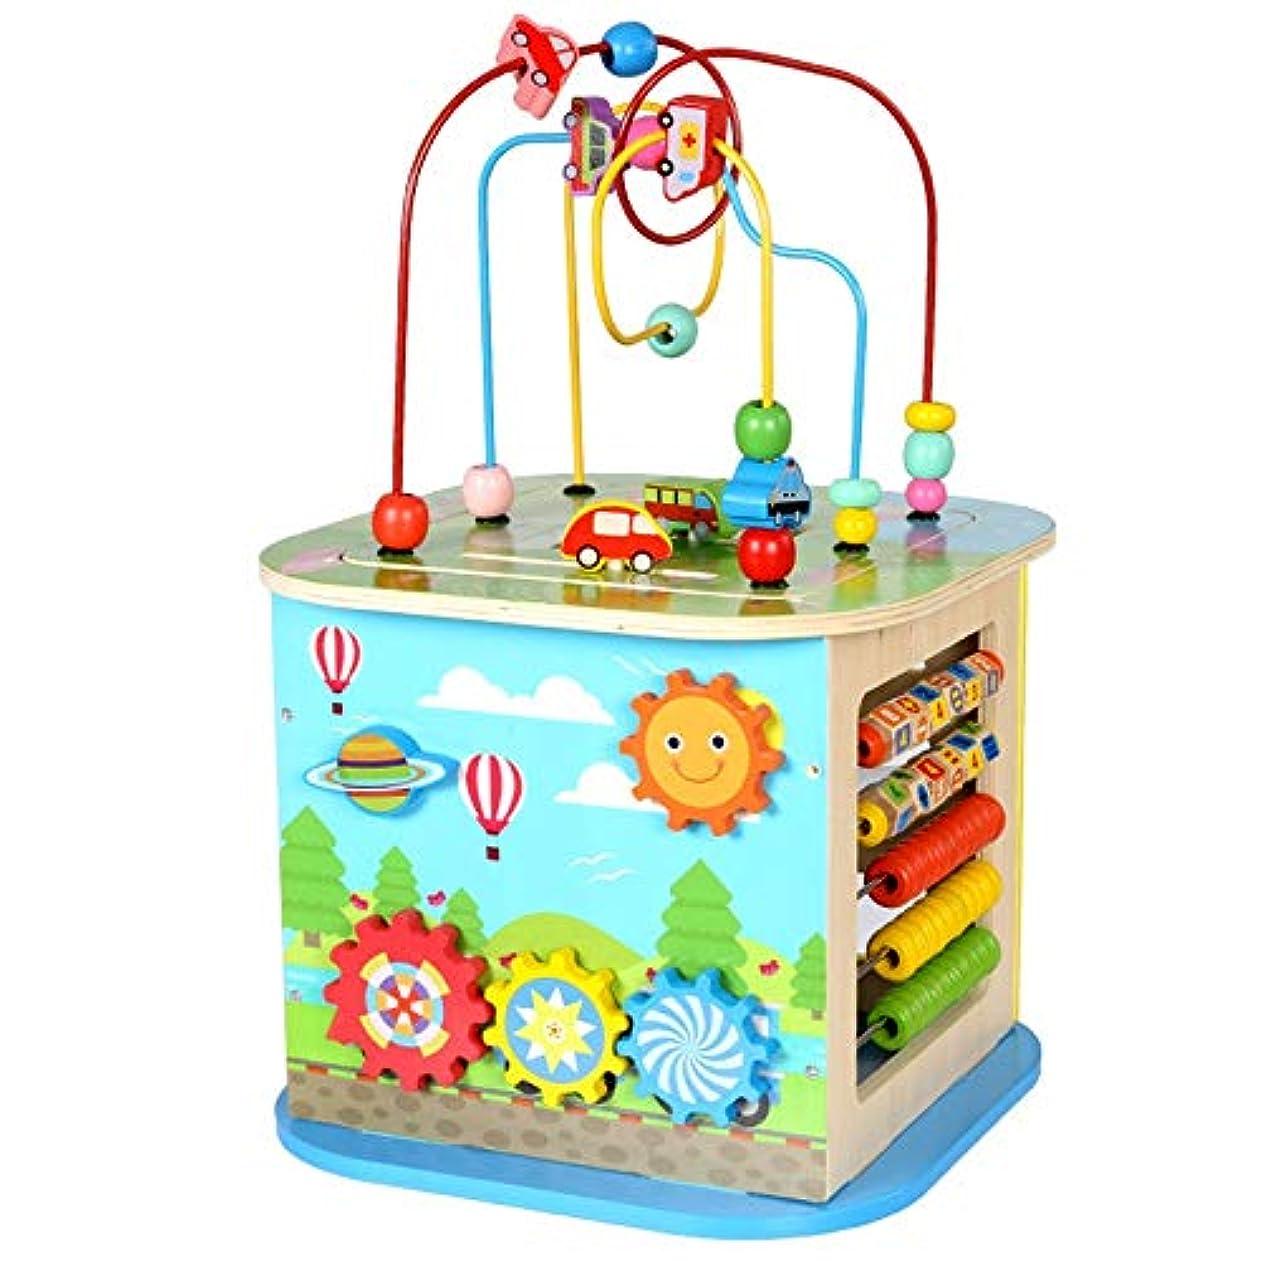 誰でもむしろ闇子供 知育玩具 発達幼児教育を学ぶ、キッズアクティビティキューブ木製ビーズ迷路形状選別機多機能教育玩具幼児のギフトのために 早期開発 男の子 女の子 誕生日のプレゼント (Color : Multi-colored, Size : Free size)